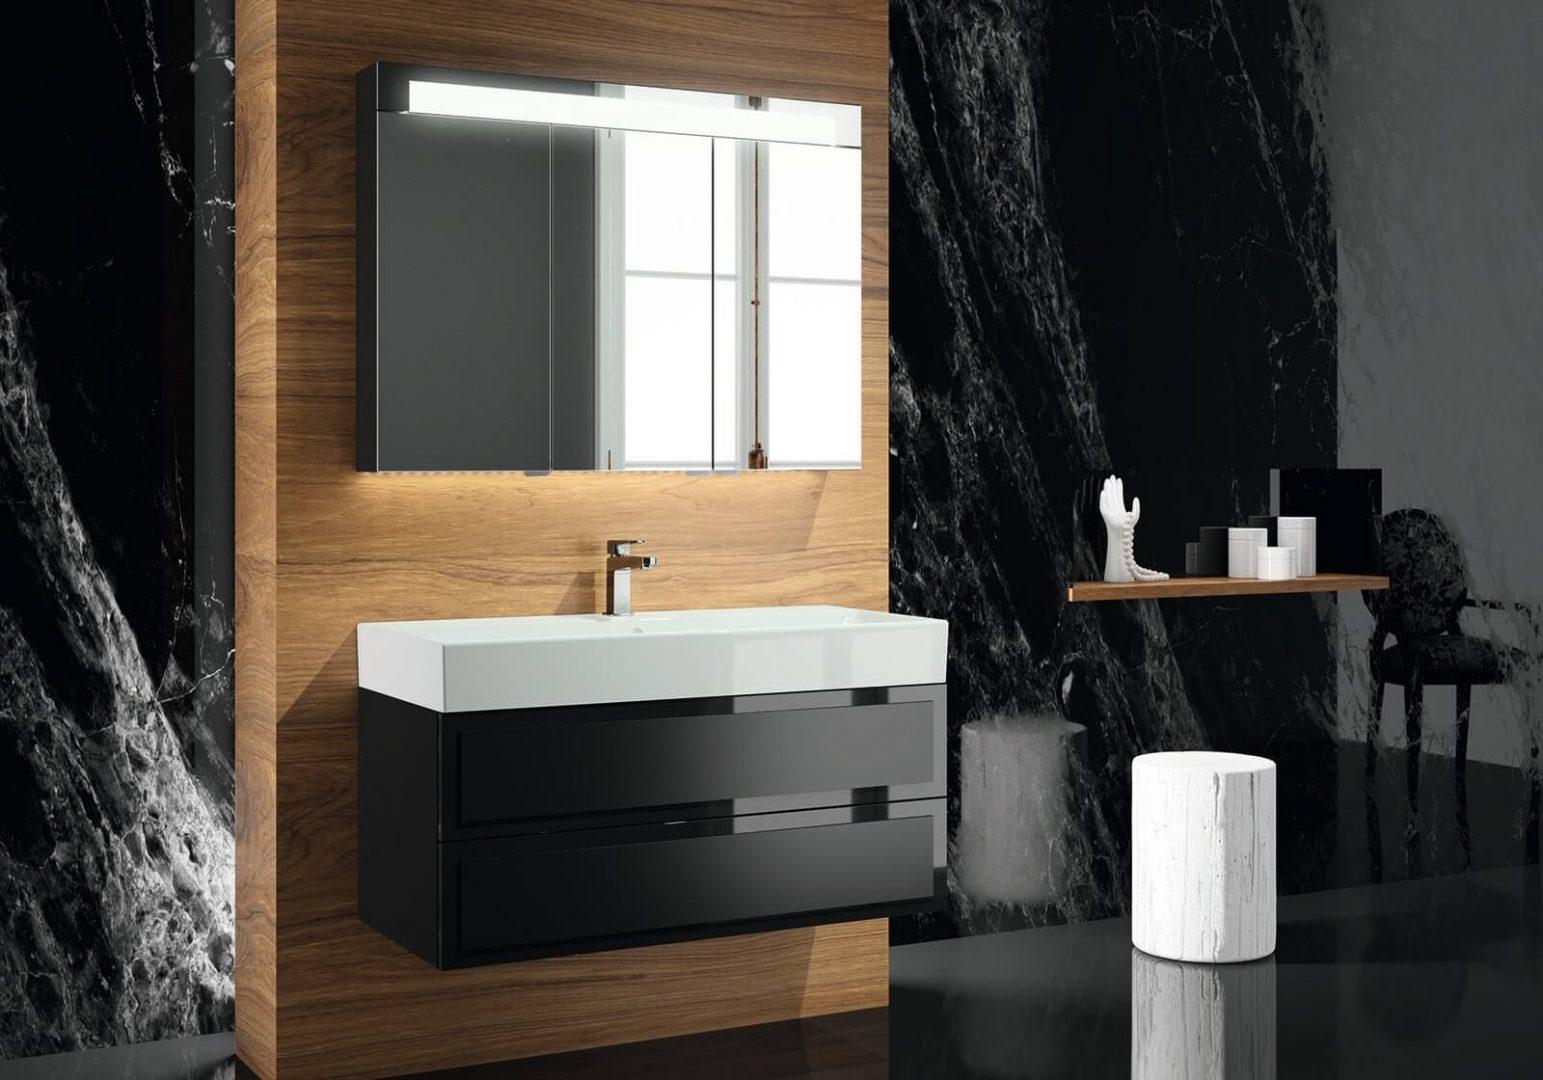 Meble łazienkowe z serii ELYSEE od Decotec